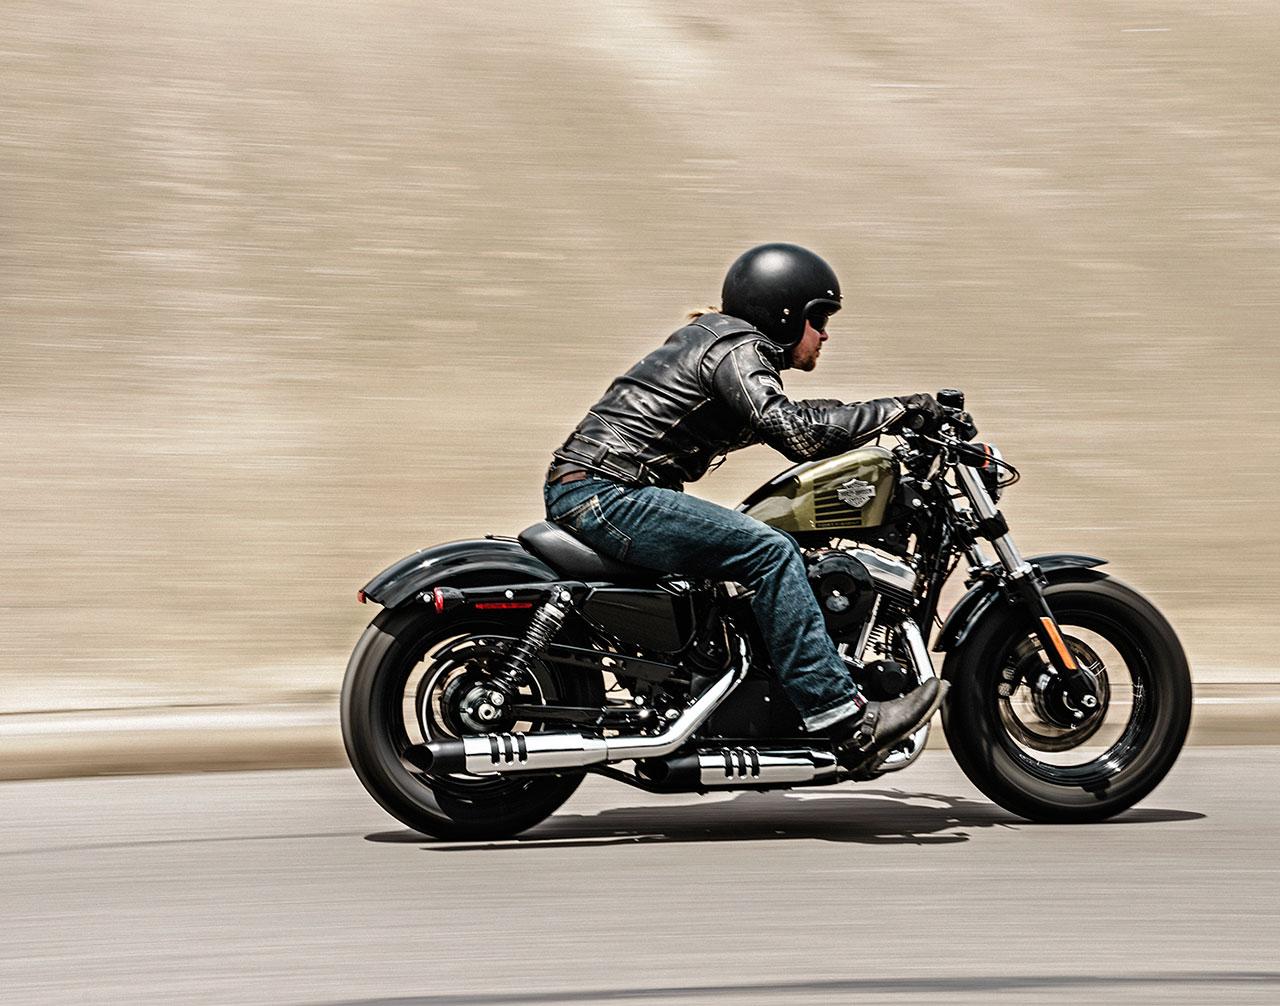 Harley Davidson Motorcycle Bikes